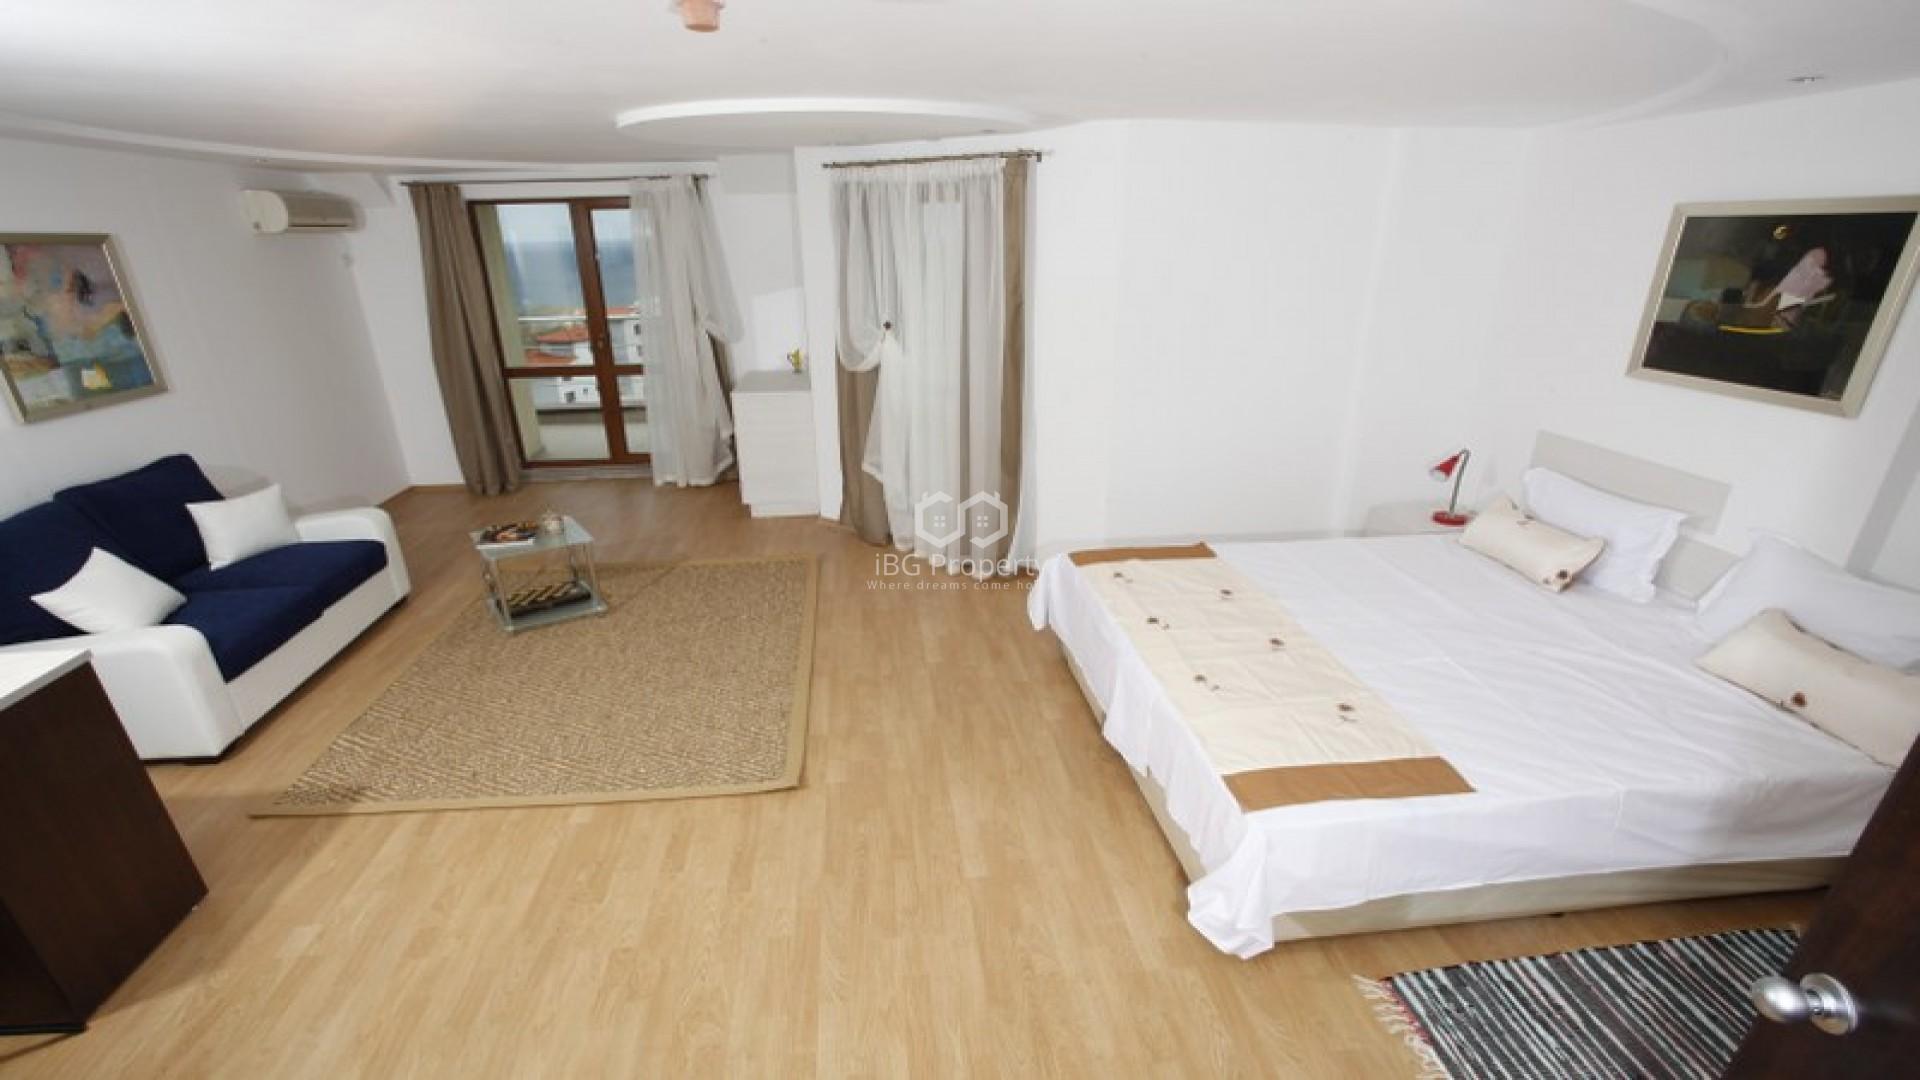 ЕКСКЛУЗИВНО ПРЕДЛОЖЕНИЕ! Двустаен апартамент  Бяла  75 m2